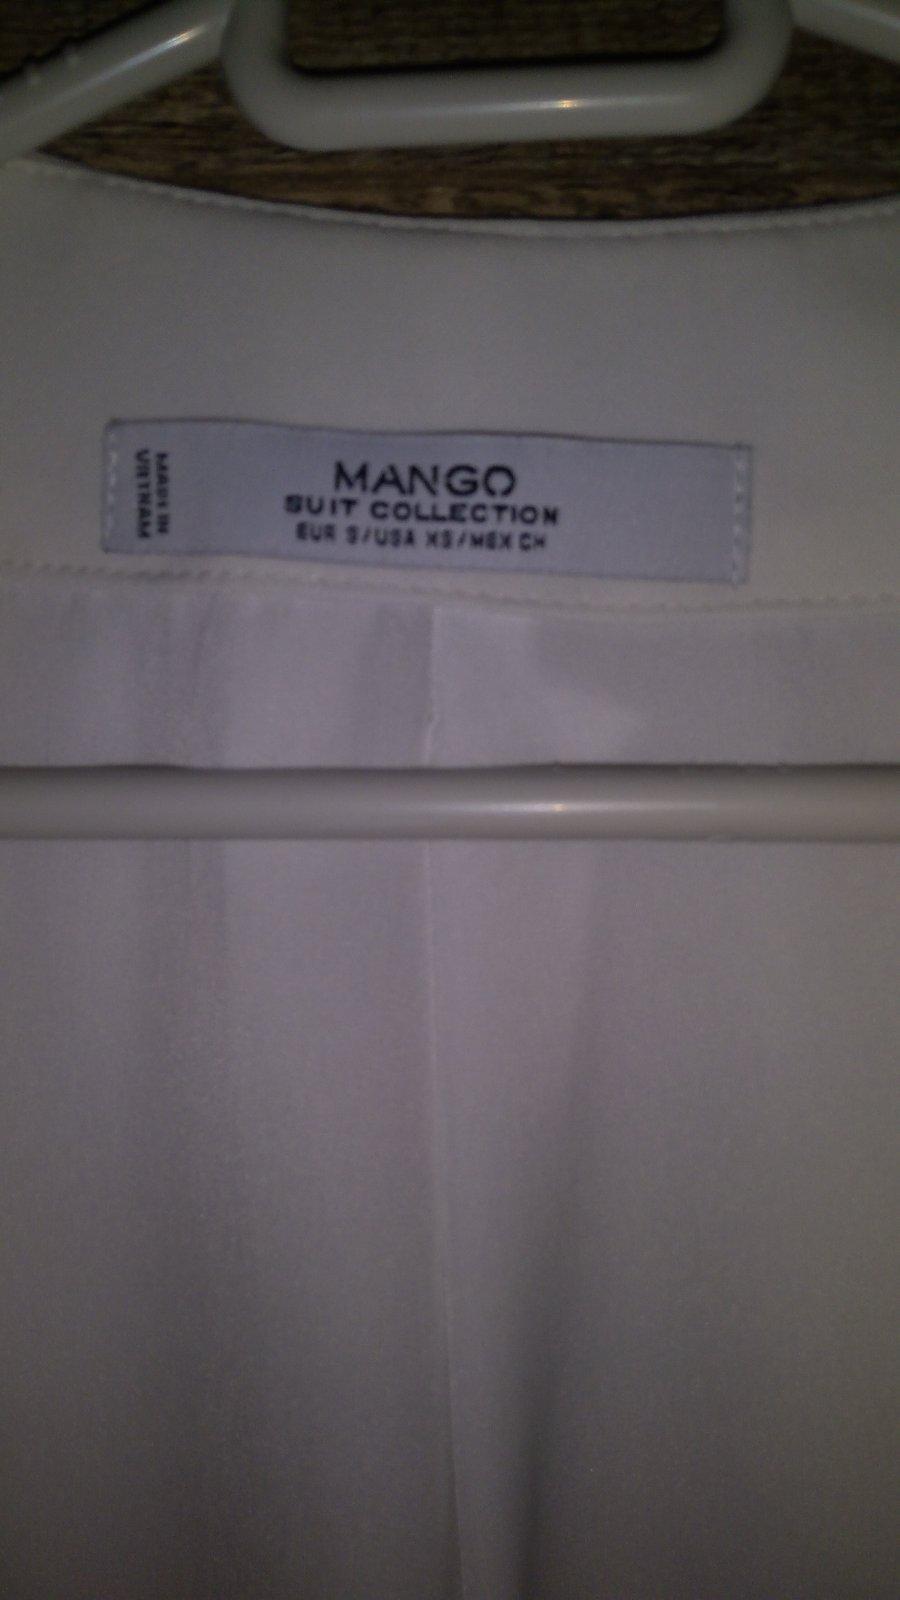 f431d98350dbd Dámske sako mango, mango,s - 14 € od predávajúcej nena7 | Detský ...